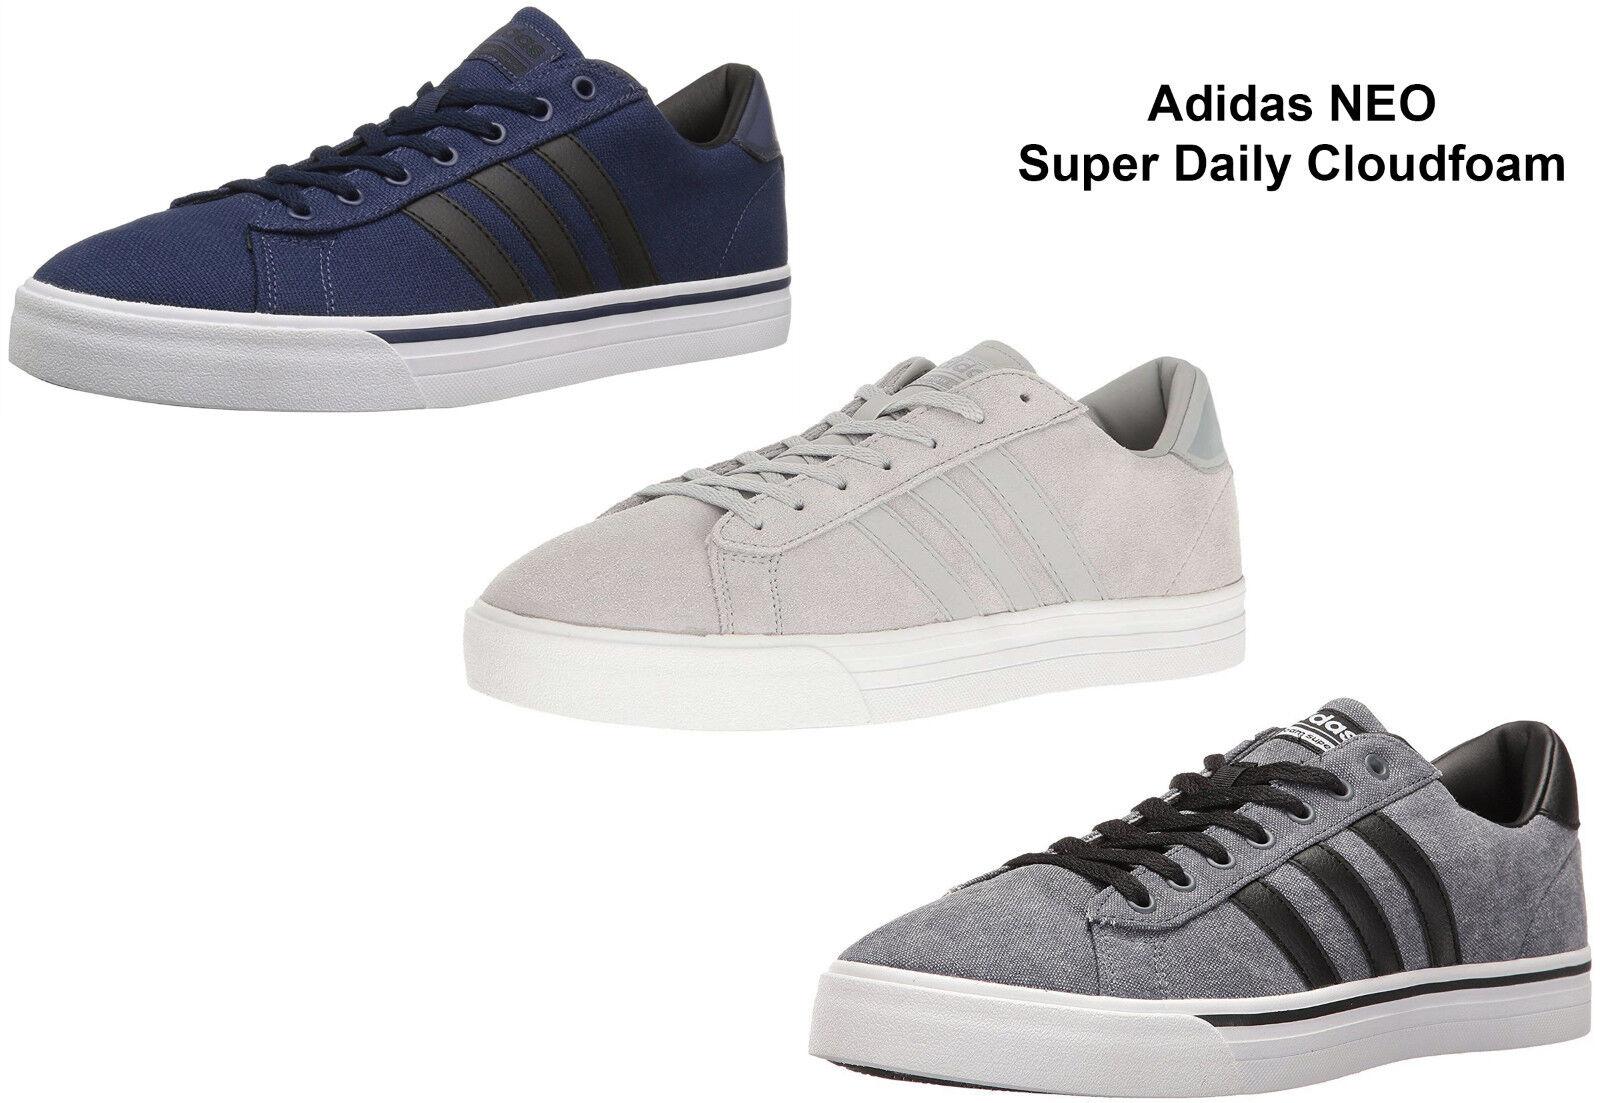 Ανδρικά πάνινα παπούτσια Adidas Neo Cloudfoam ΣούπΡρ καθημΡρινά παπούτσια NEW